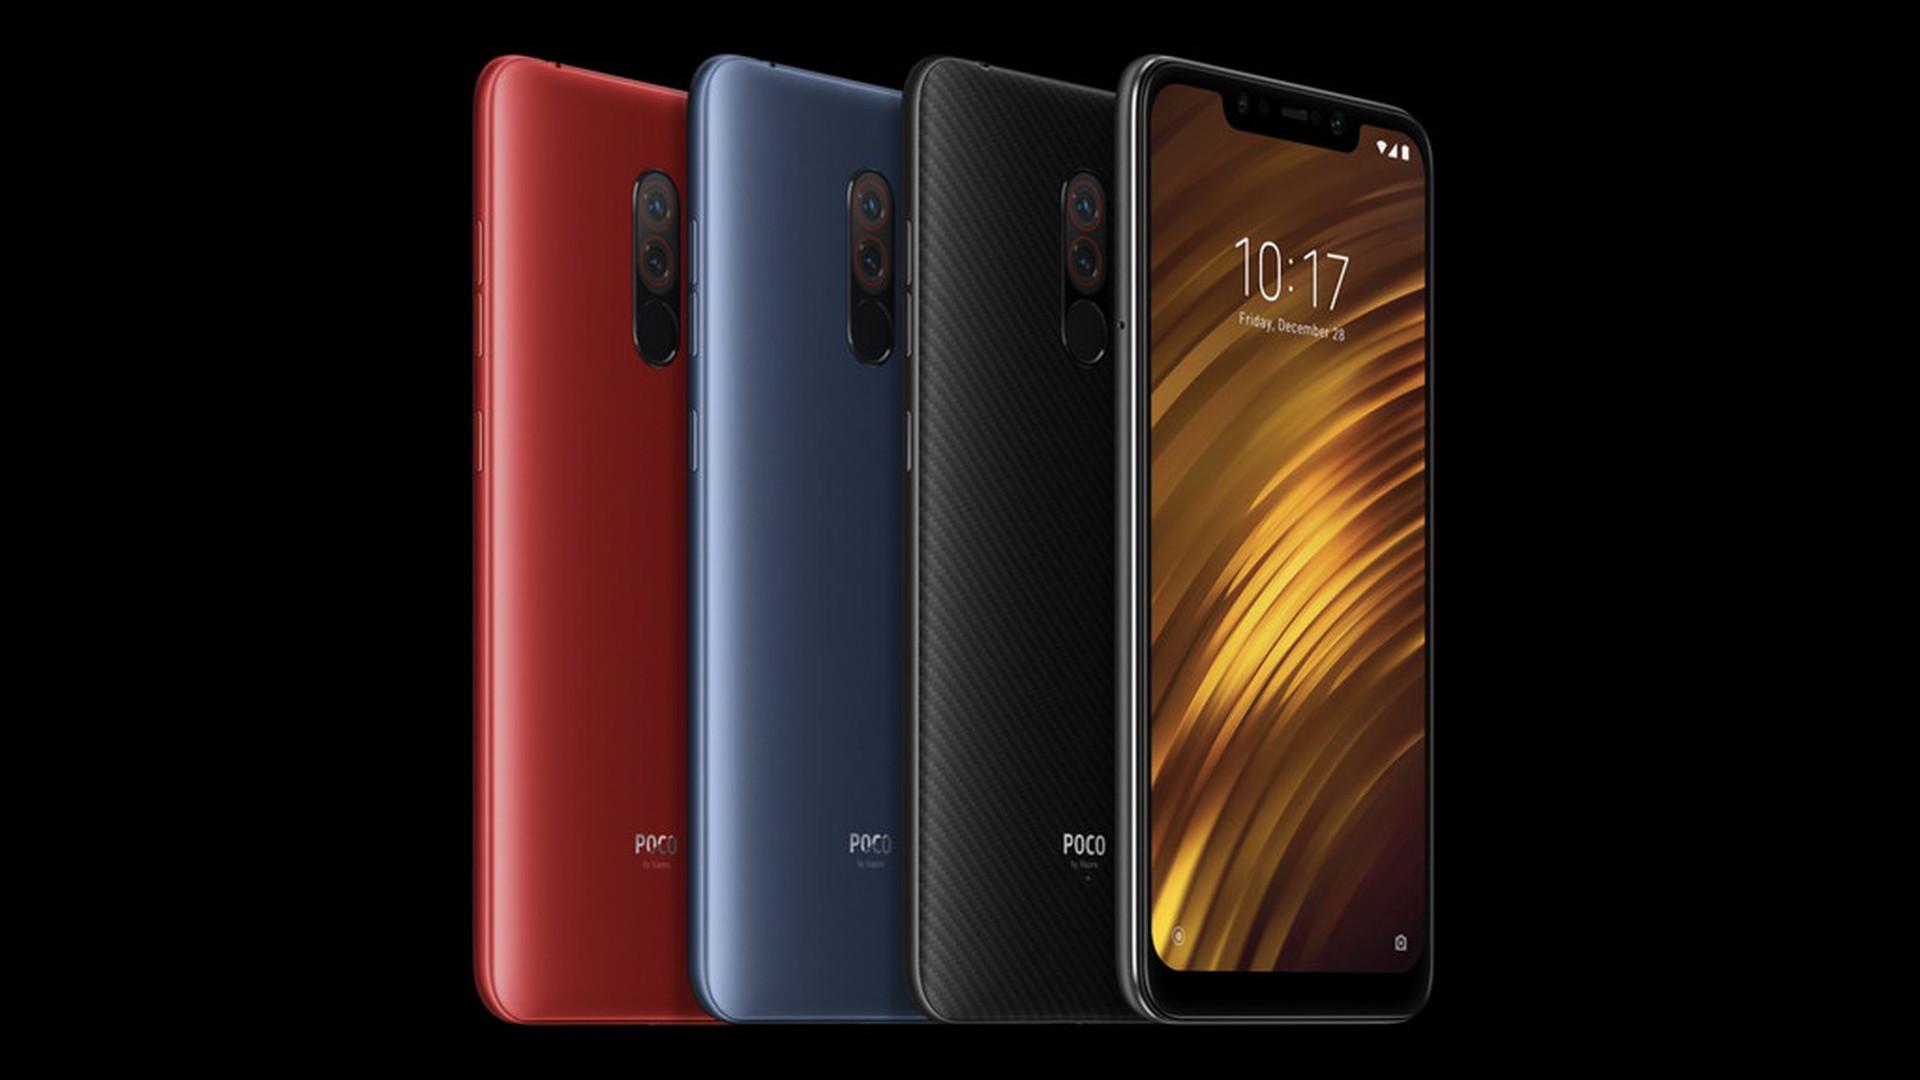 b312e1073c775 Xiaomi Pocophone F1: смартфон с начинкой флагмана за $300